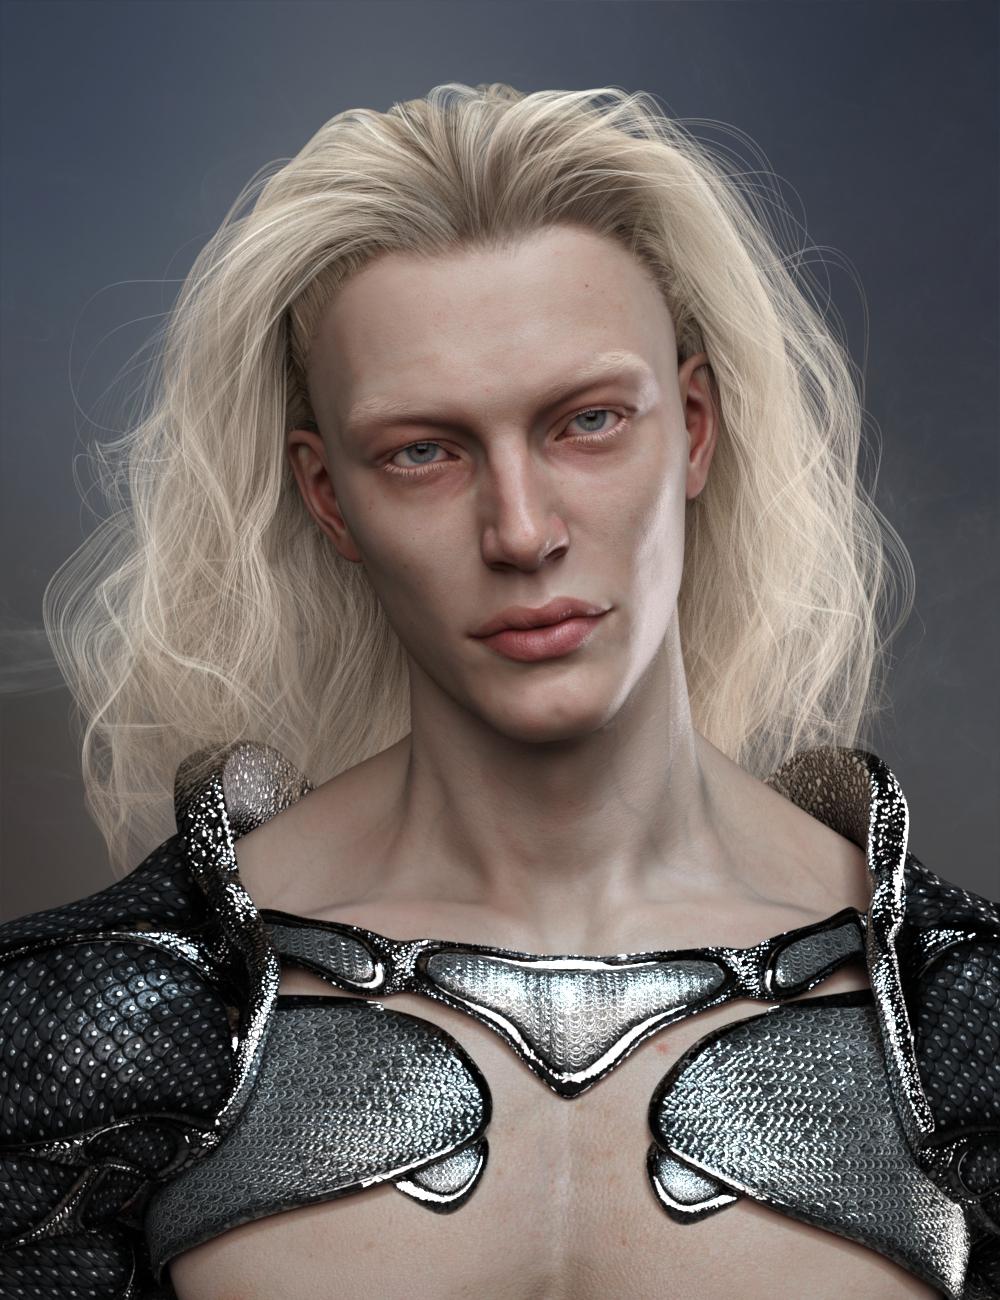 dForce Beachcomber Hair for Genesis 8 and Genesis 8.1 by: RedzStudio, 3D Models by Daz 3D